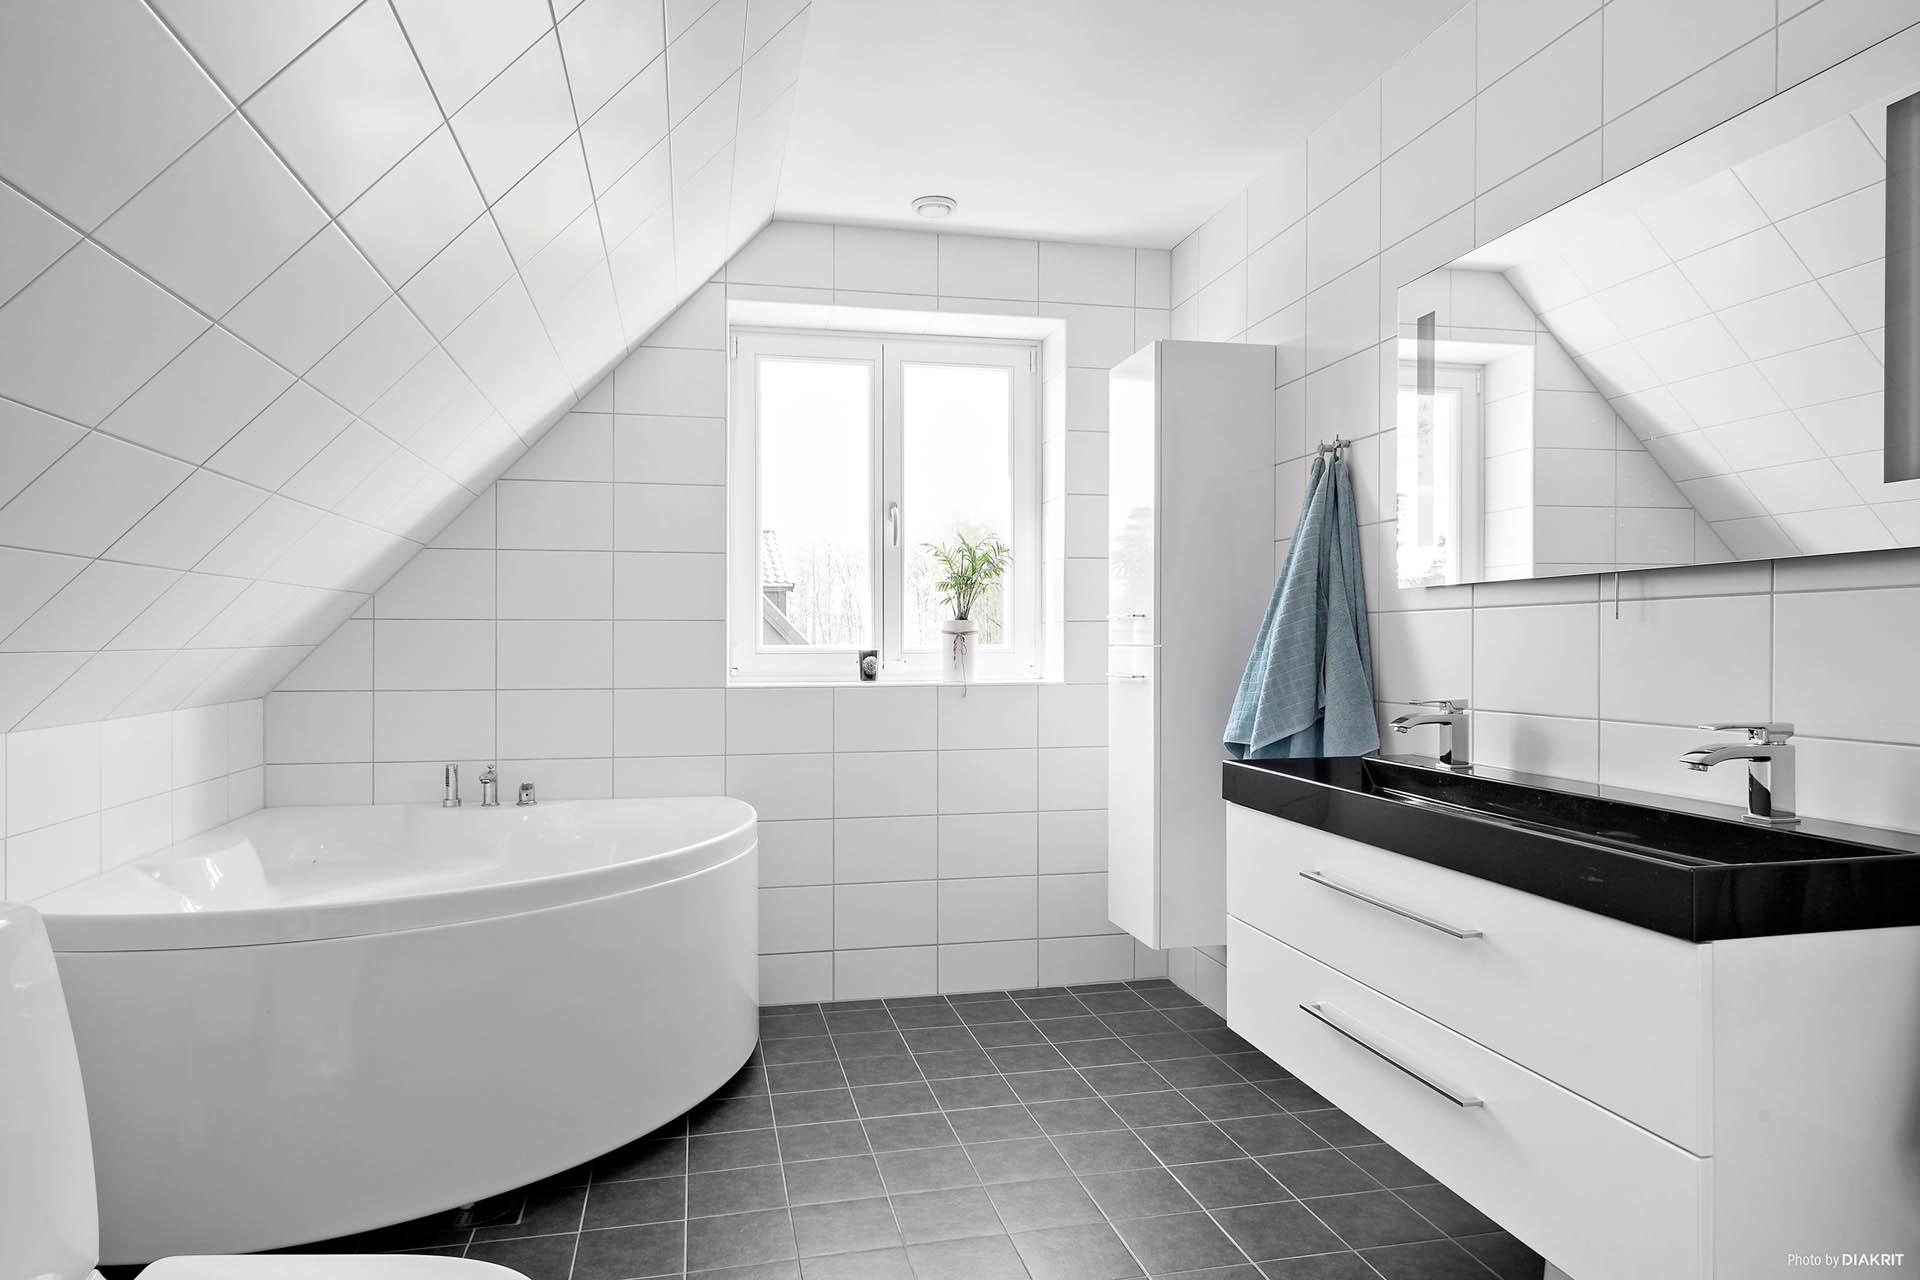 Modernt, fräscht badrum med dusch, dubbelvask och badkar.